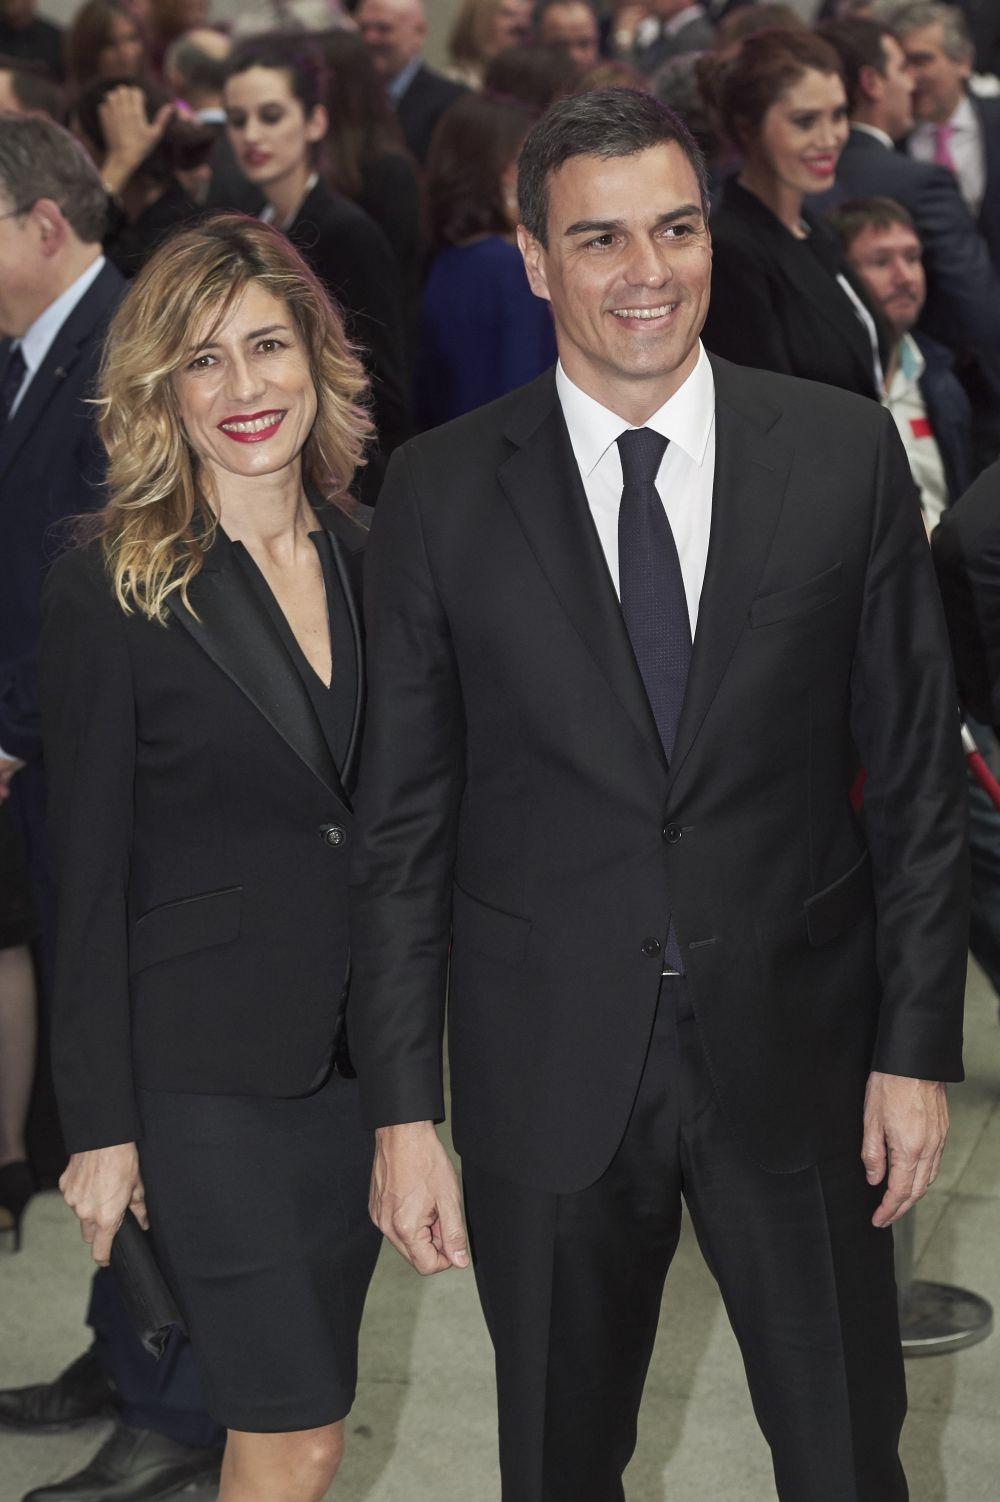 У супруги премьер-министра Испании диагностировали коронавирус - фото №2